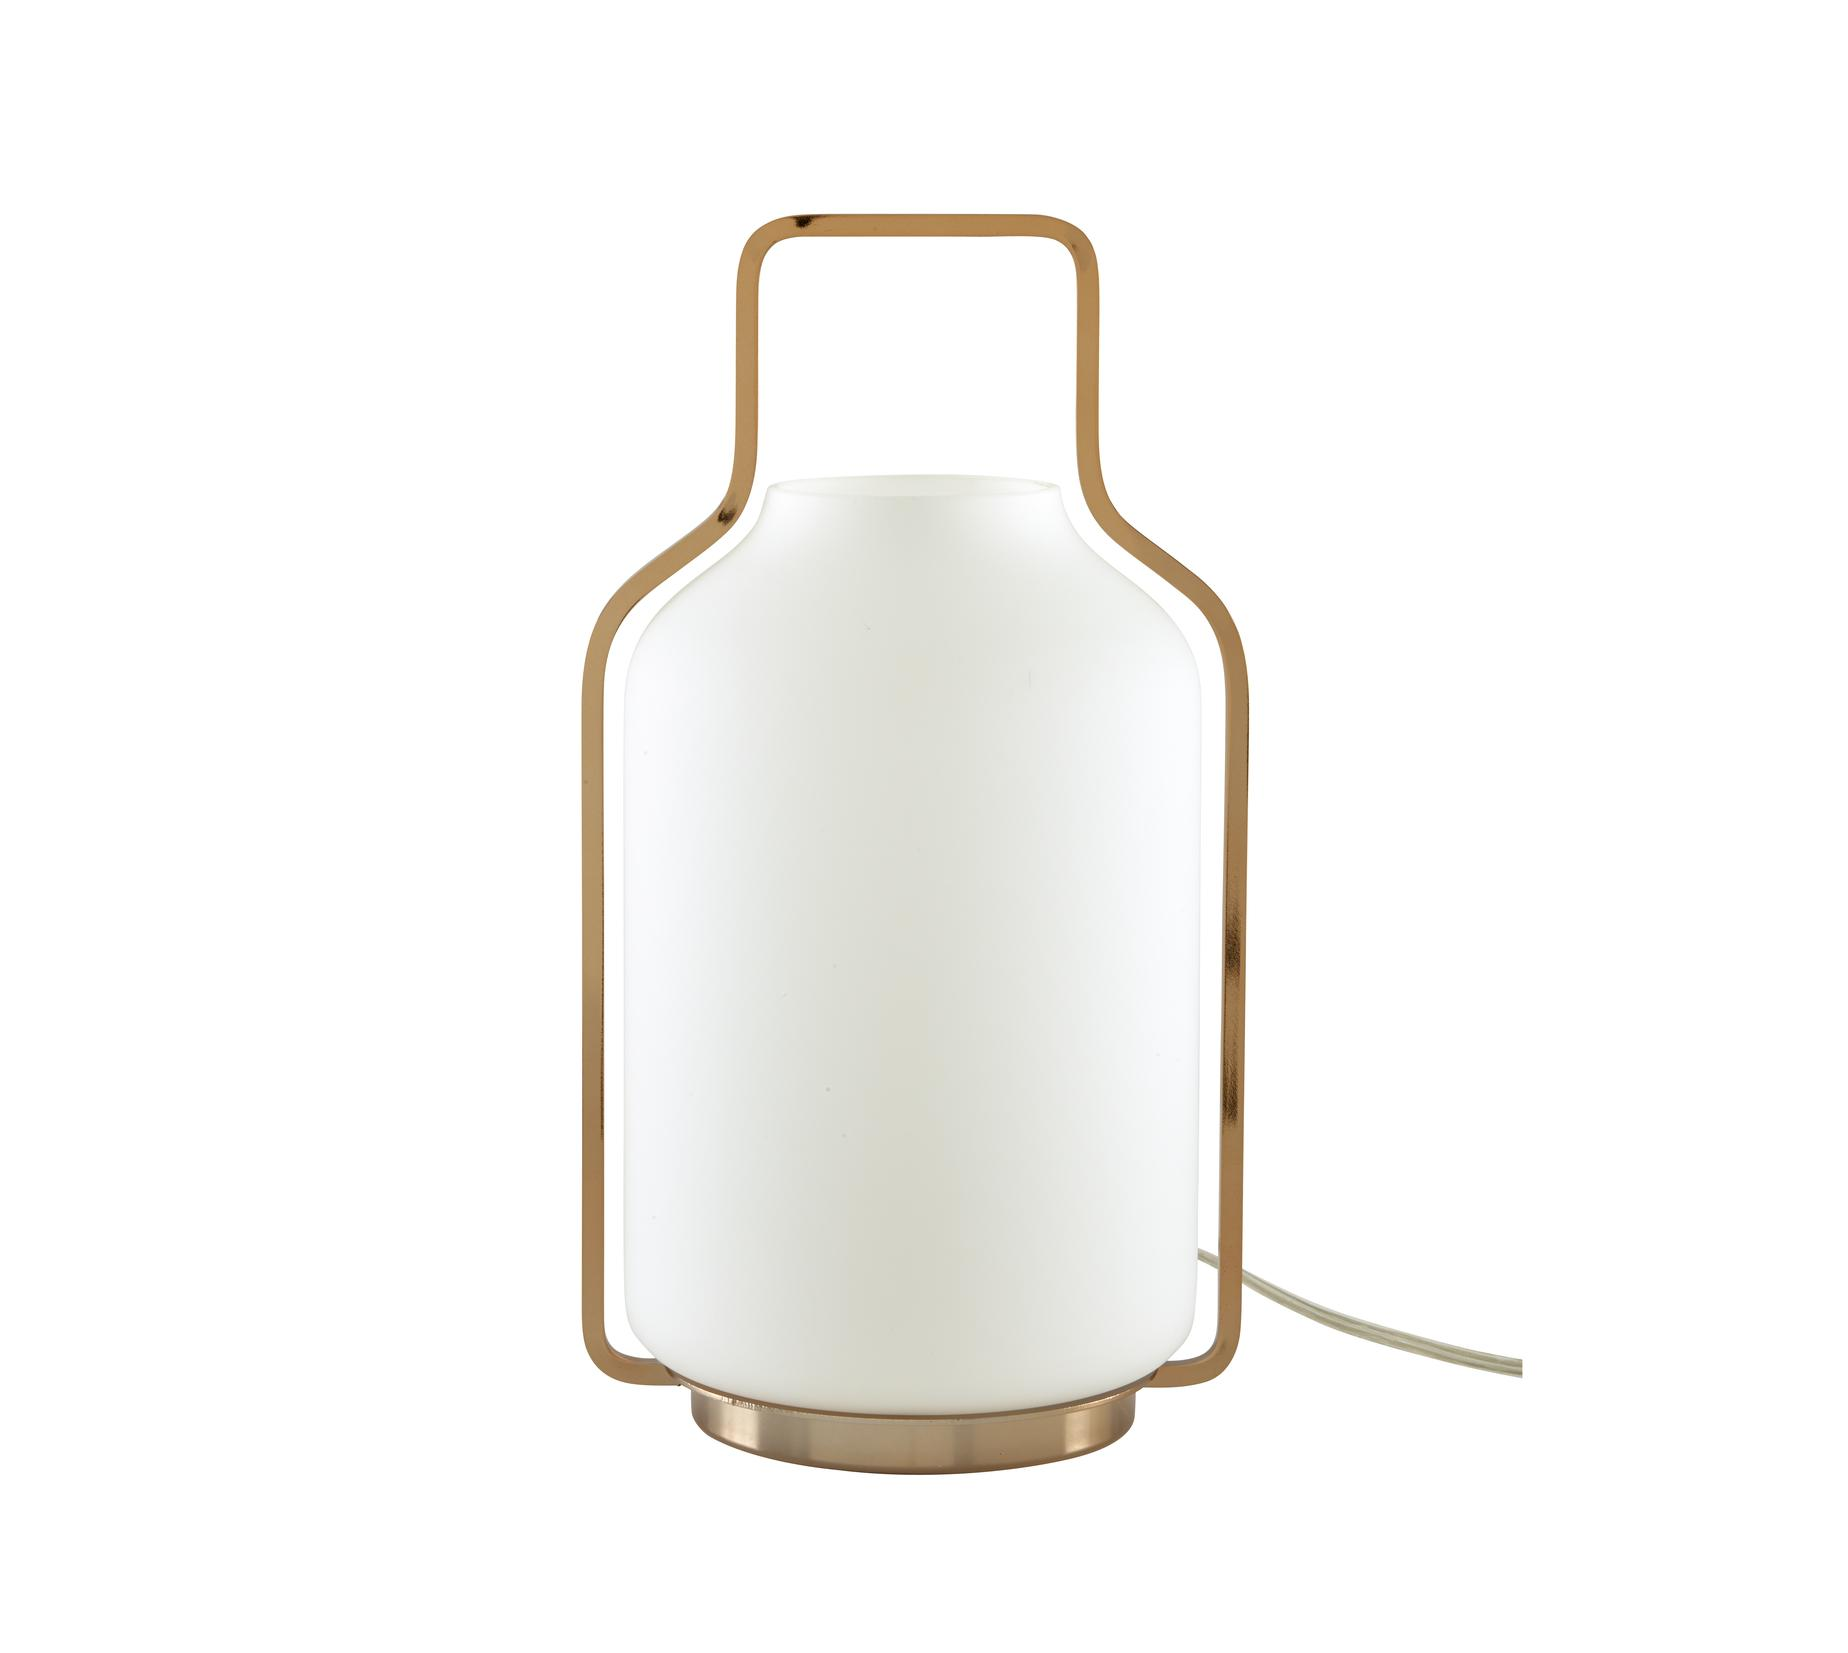 somerset lampes poser du designer eric jourdan ligne roset site officiel. Black Bedroom Furniture Sets. Home Design Ideas